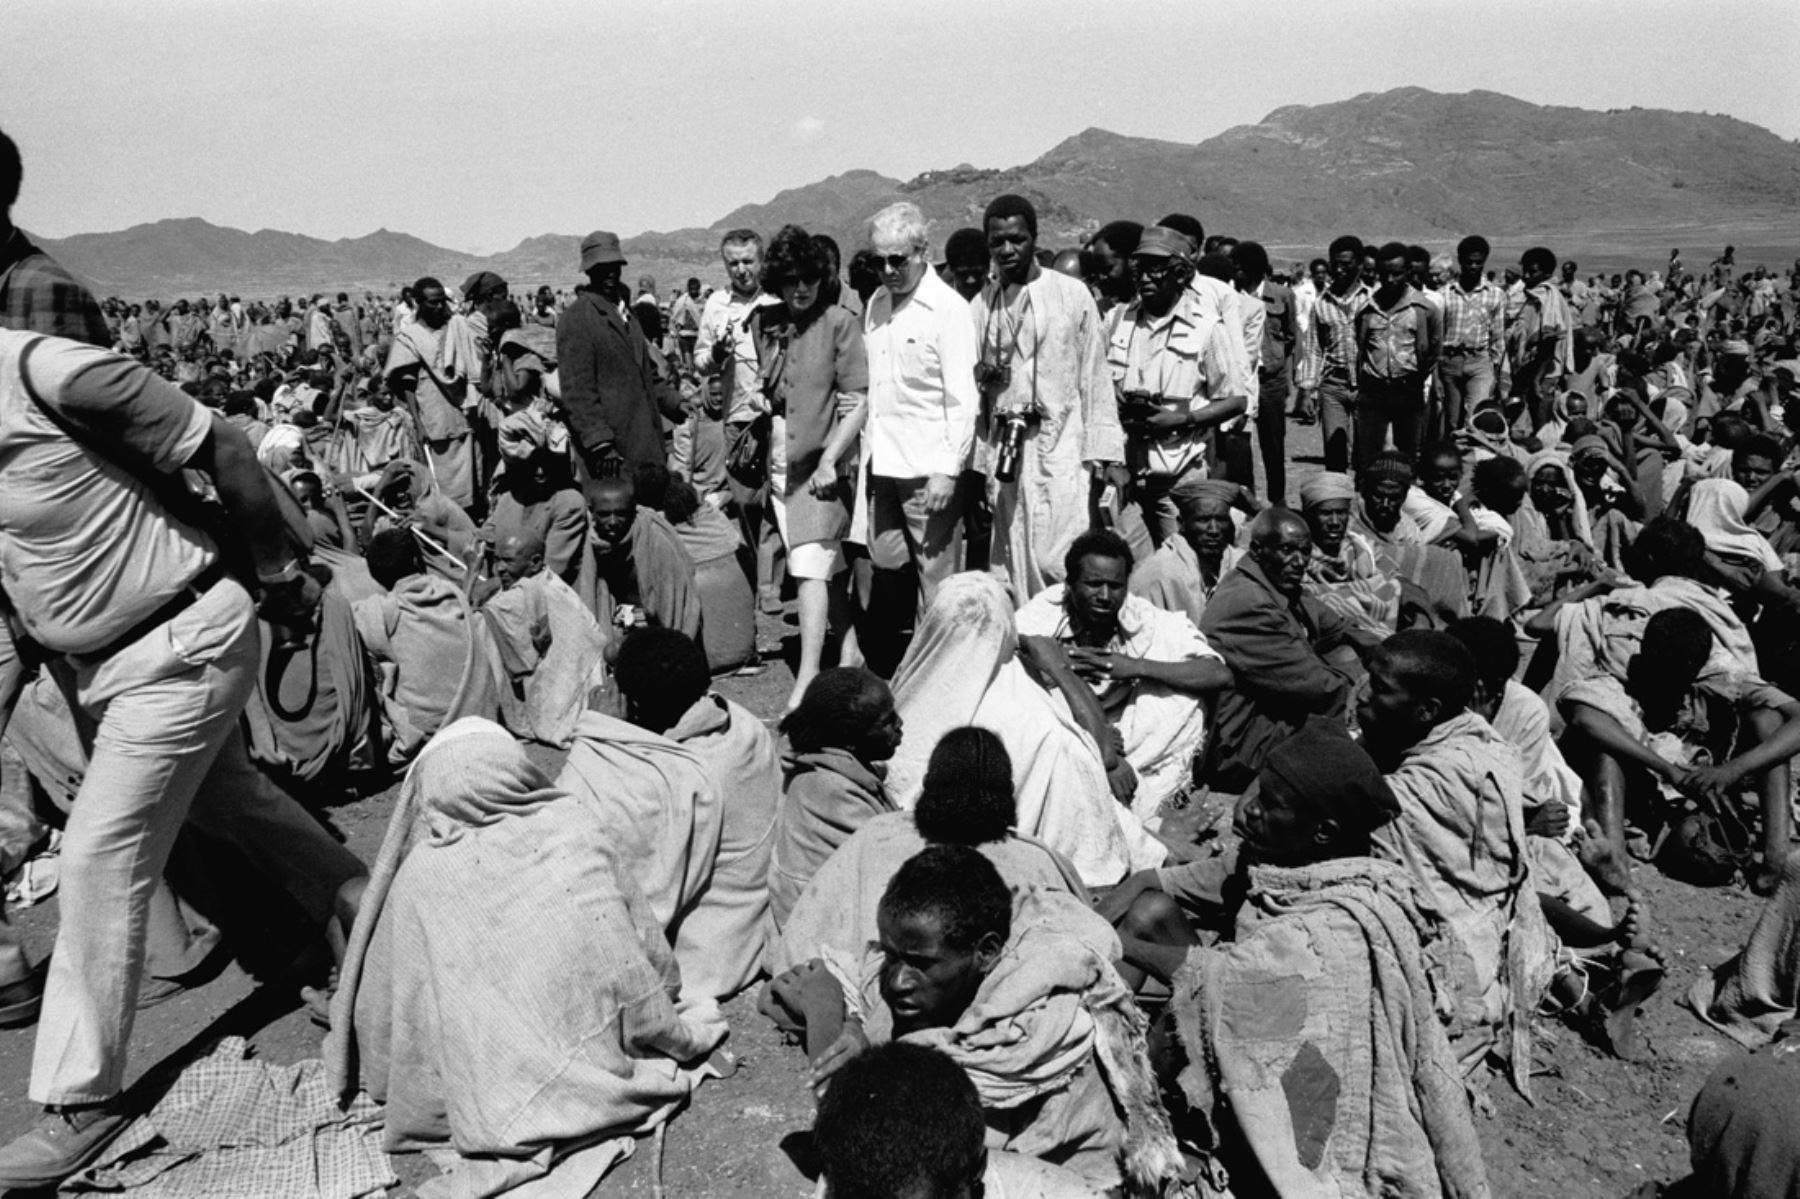 Korem, Etiopía - 9 noviembre 1984 / Javier Pérez de Cuéllar, secretario general de las Naciones Unidas, y su esposa Marcela Pérez de Cuéllar, visitan a los damnificados de la sequía de Korem, centro de una de las zonas más afectadas, donde miles de personas se reúnen todos los días para recibir Comida y ayuda médica. Foto: Naciones Unidas